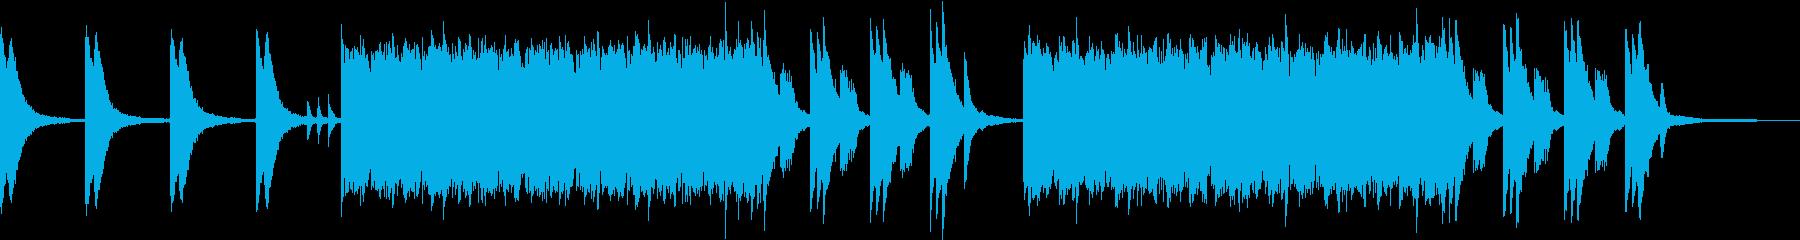 川をイメージしたピアノソロの再生済みの波形